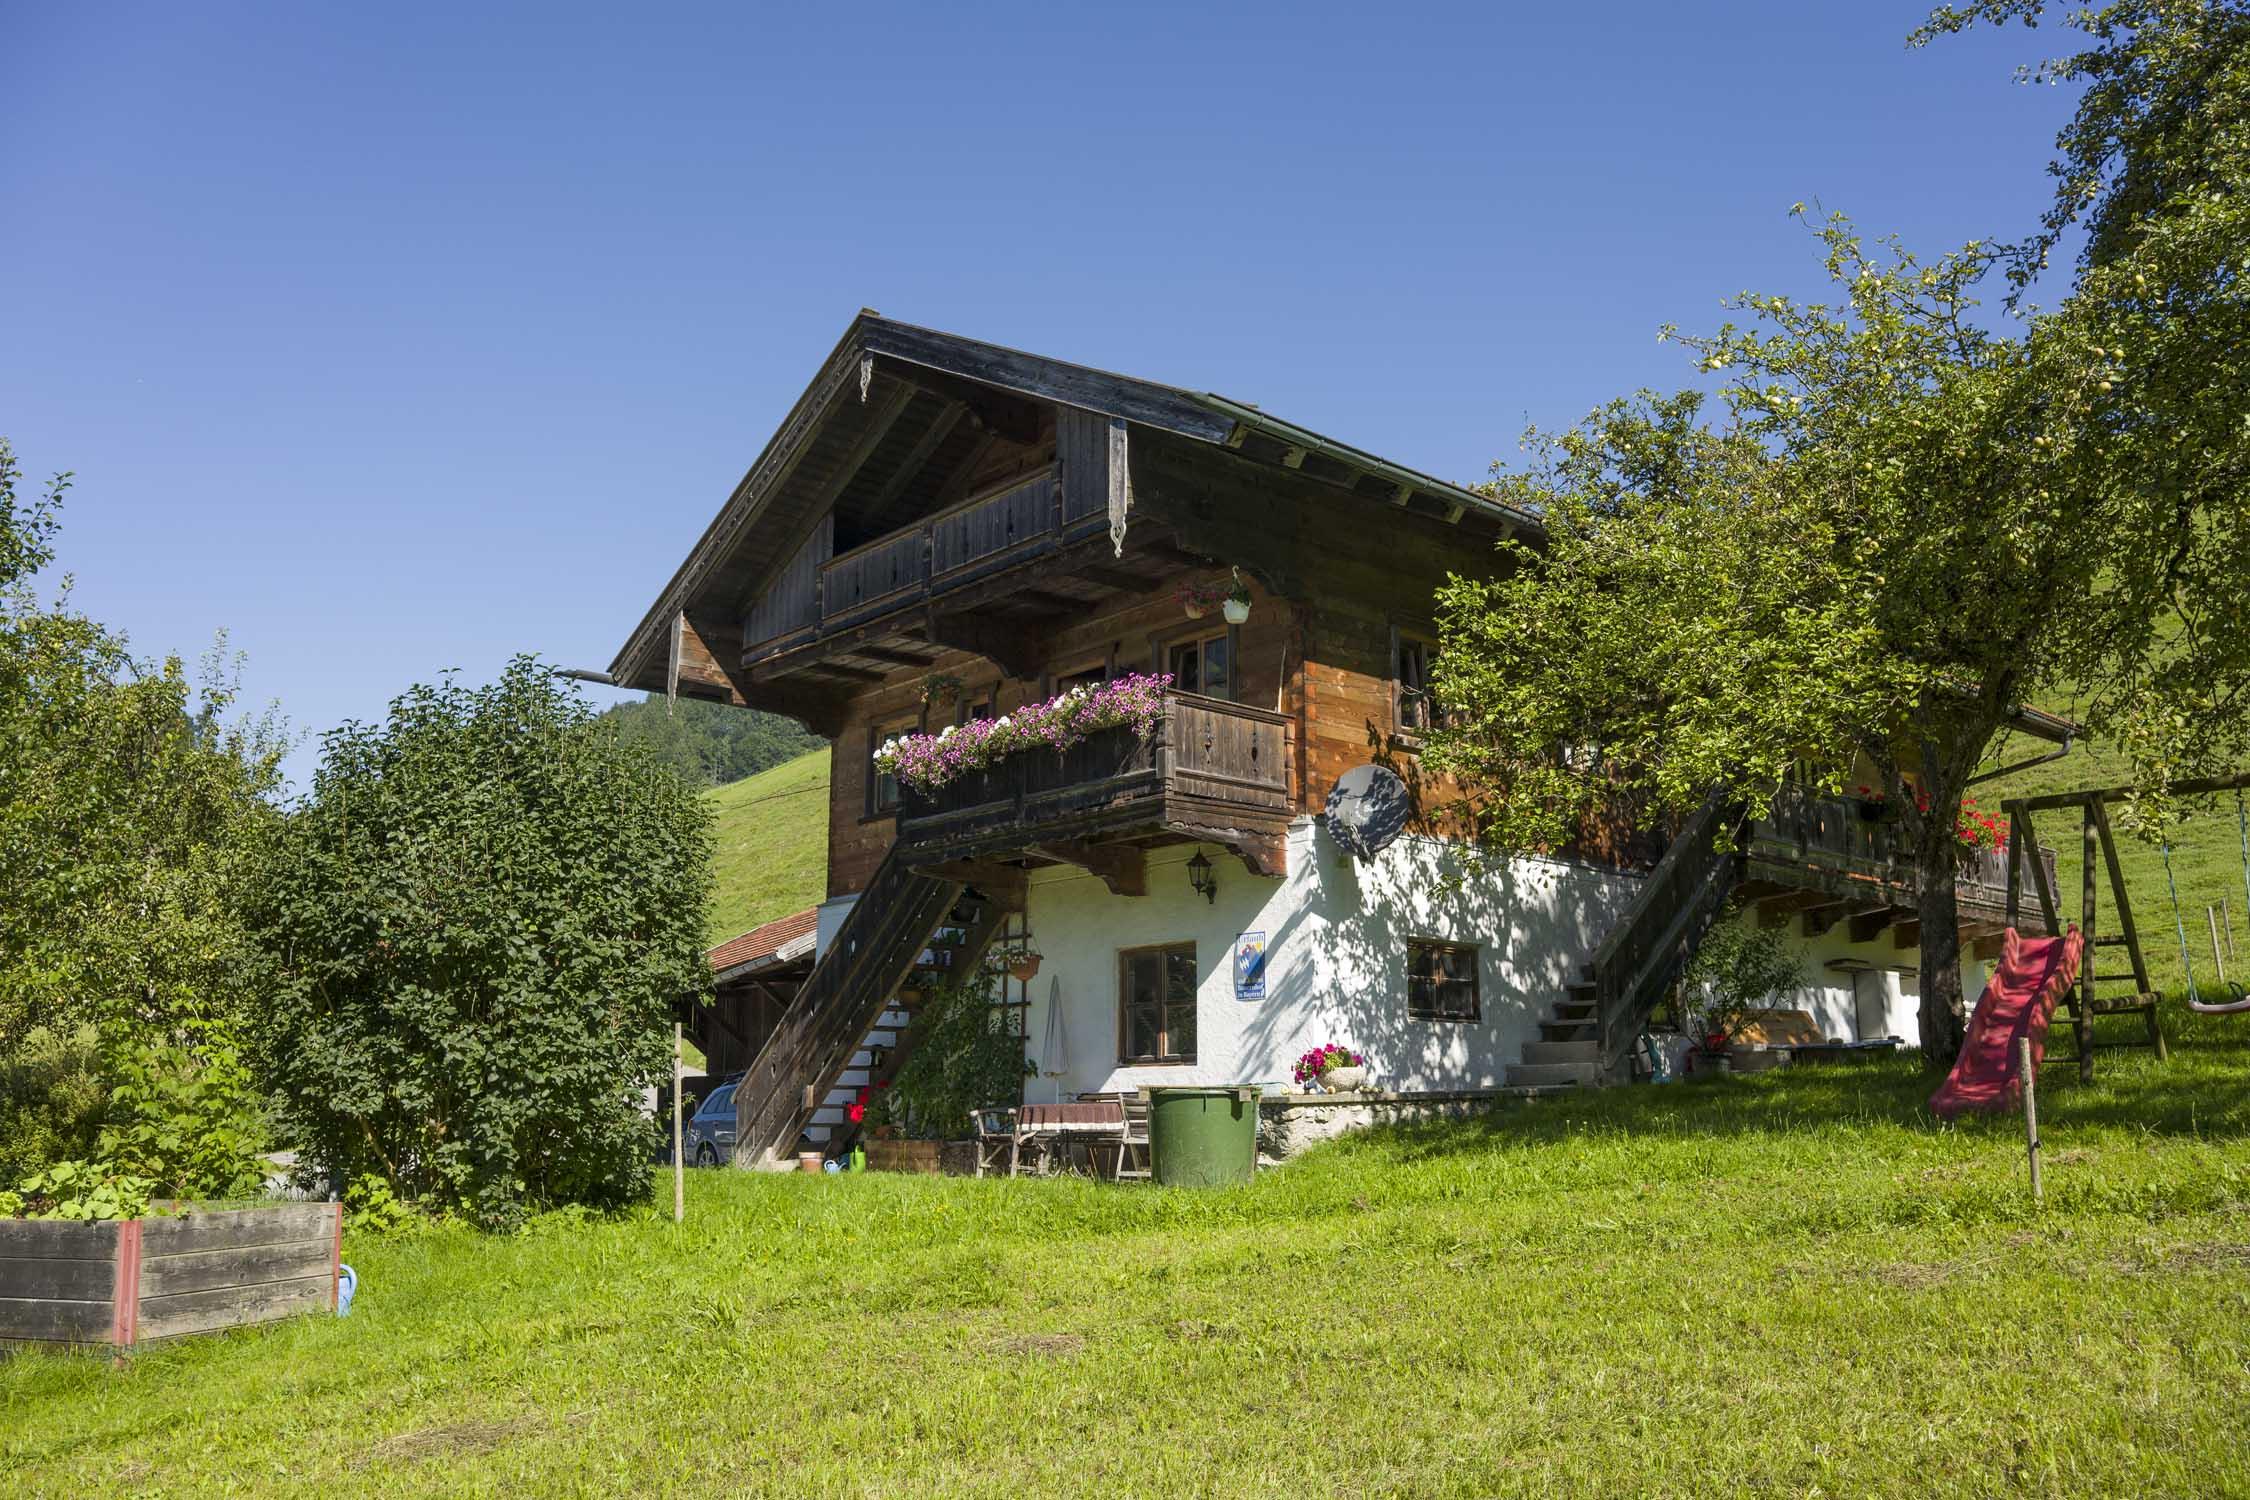 Ferienwohnung Bergbauernhof Hinterseebach (DE Oberaudorf). 6 Personen Ferienwohnung / Auerbach (709901), Oberaudorf, Chiemgau, Bayern, Deutschland, Bild 3